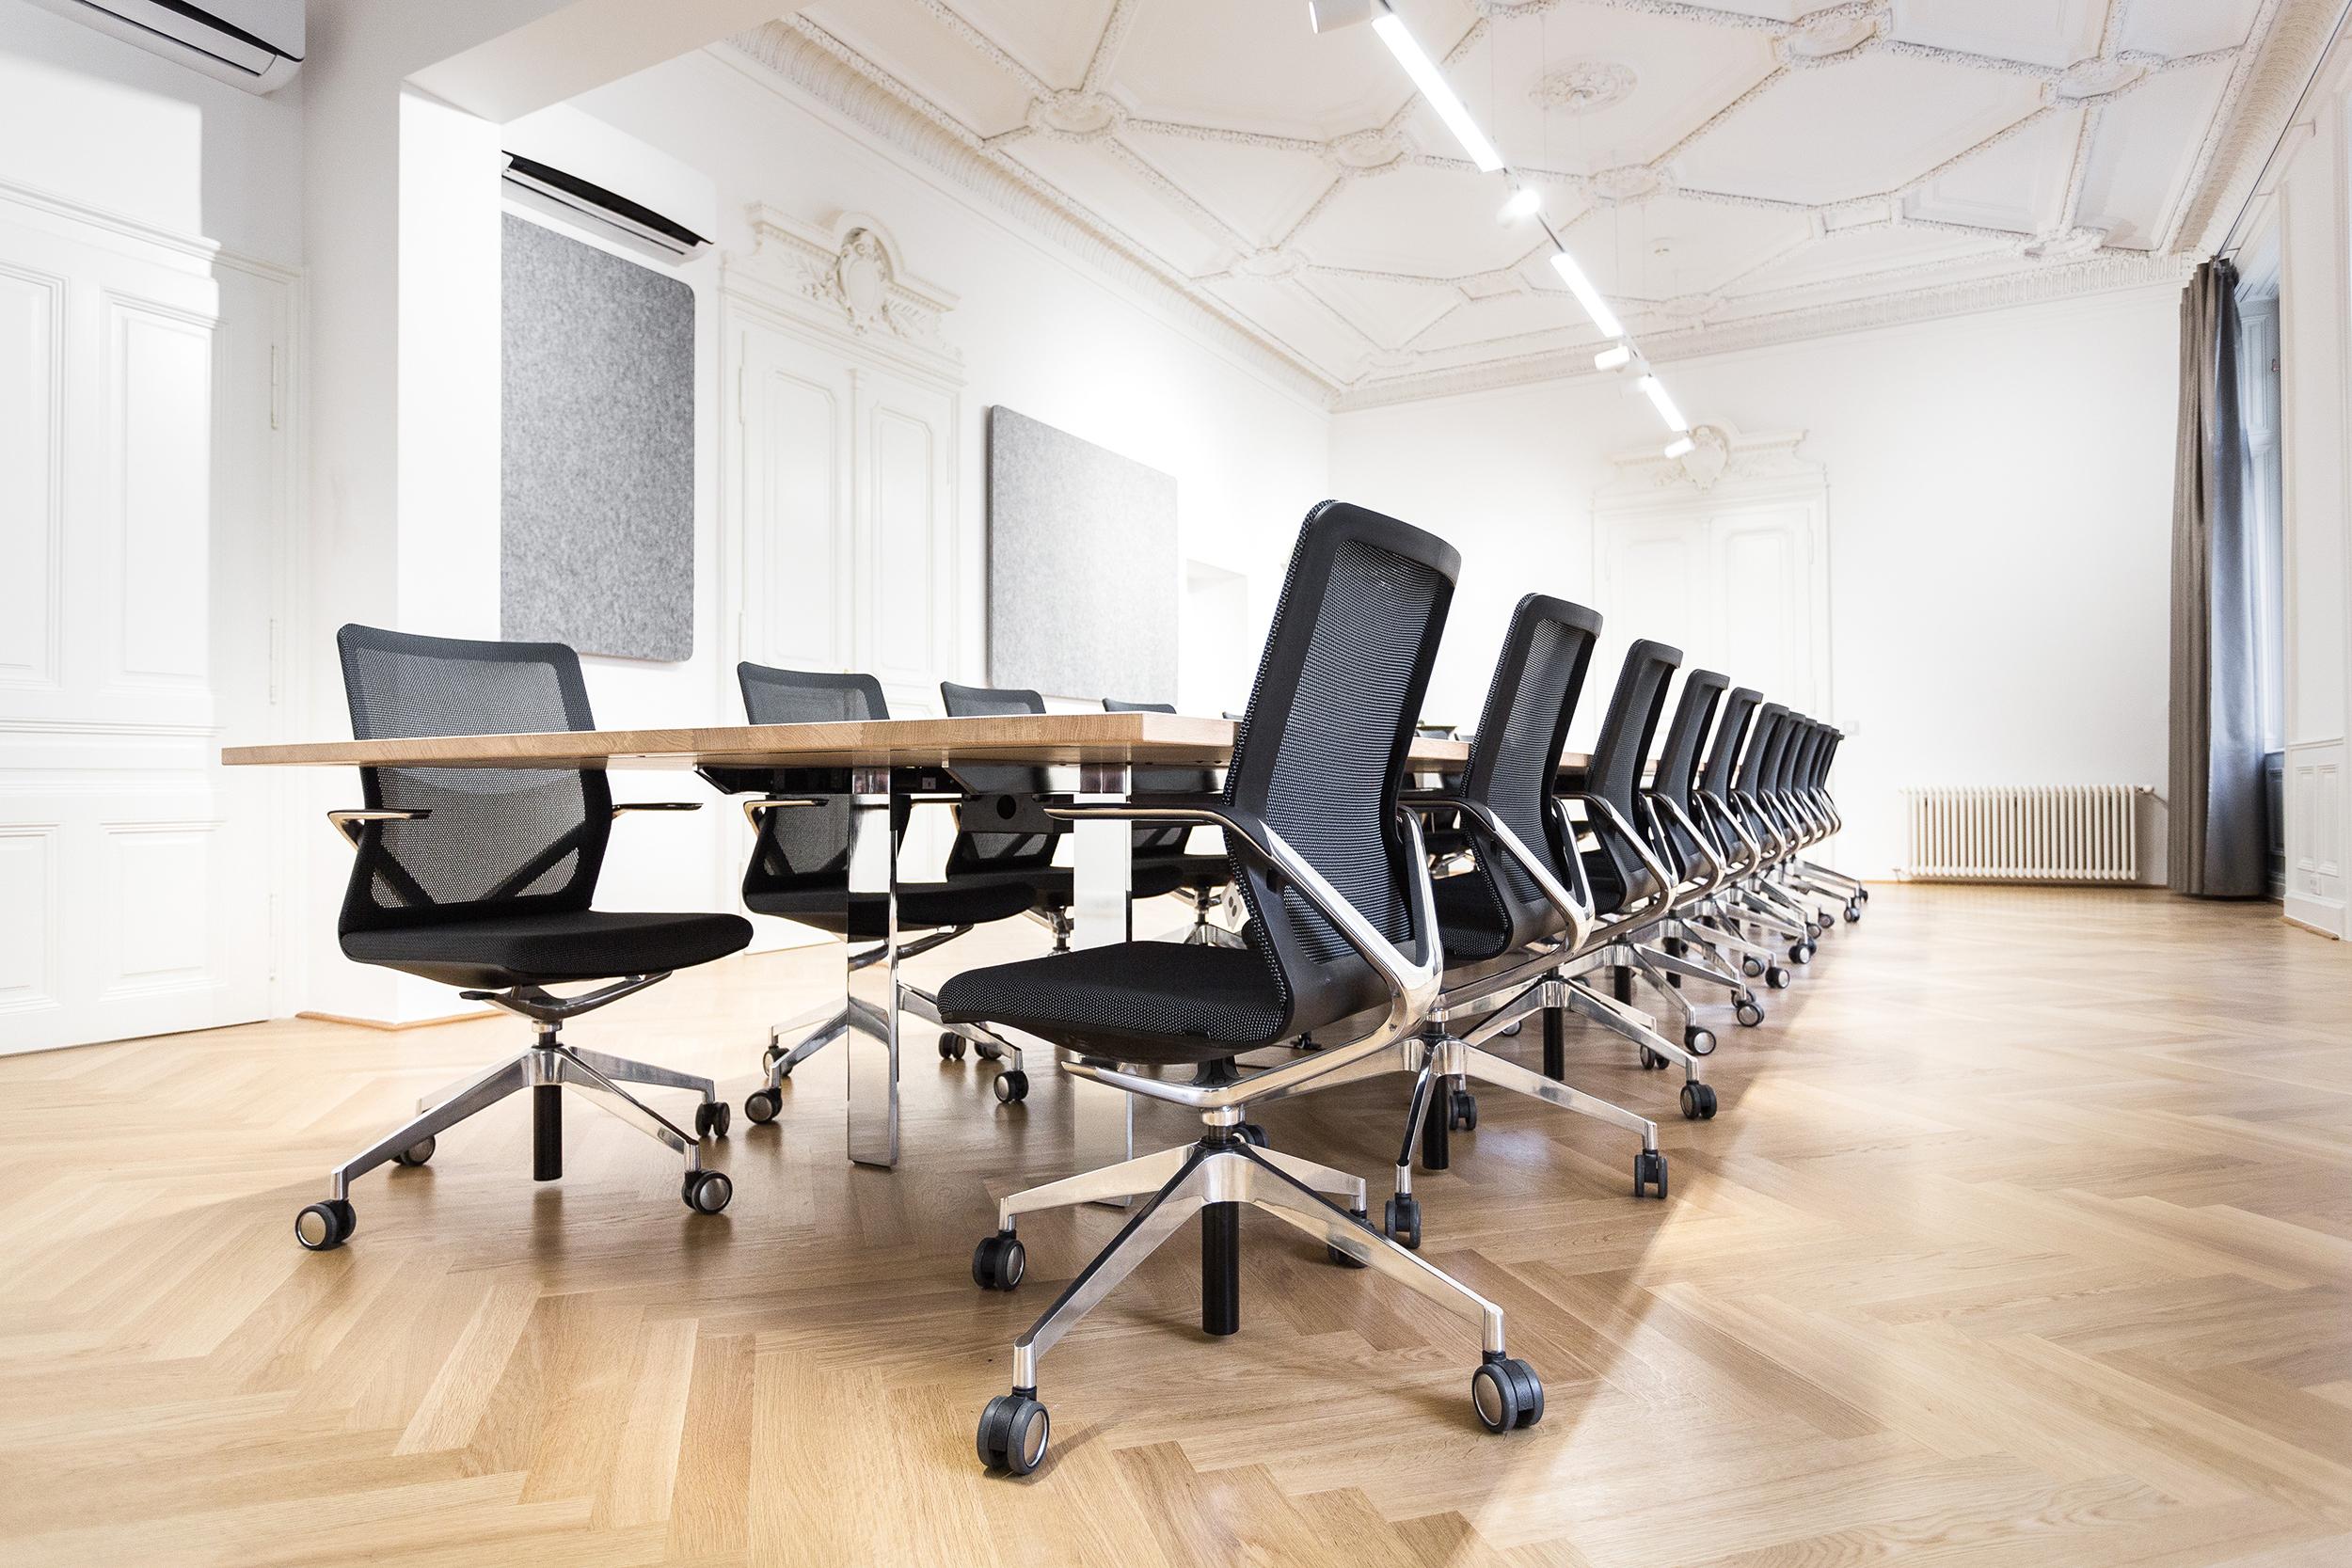 Funktionale Büros mit hohem Designanspruch in klassizistischen Räumen